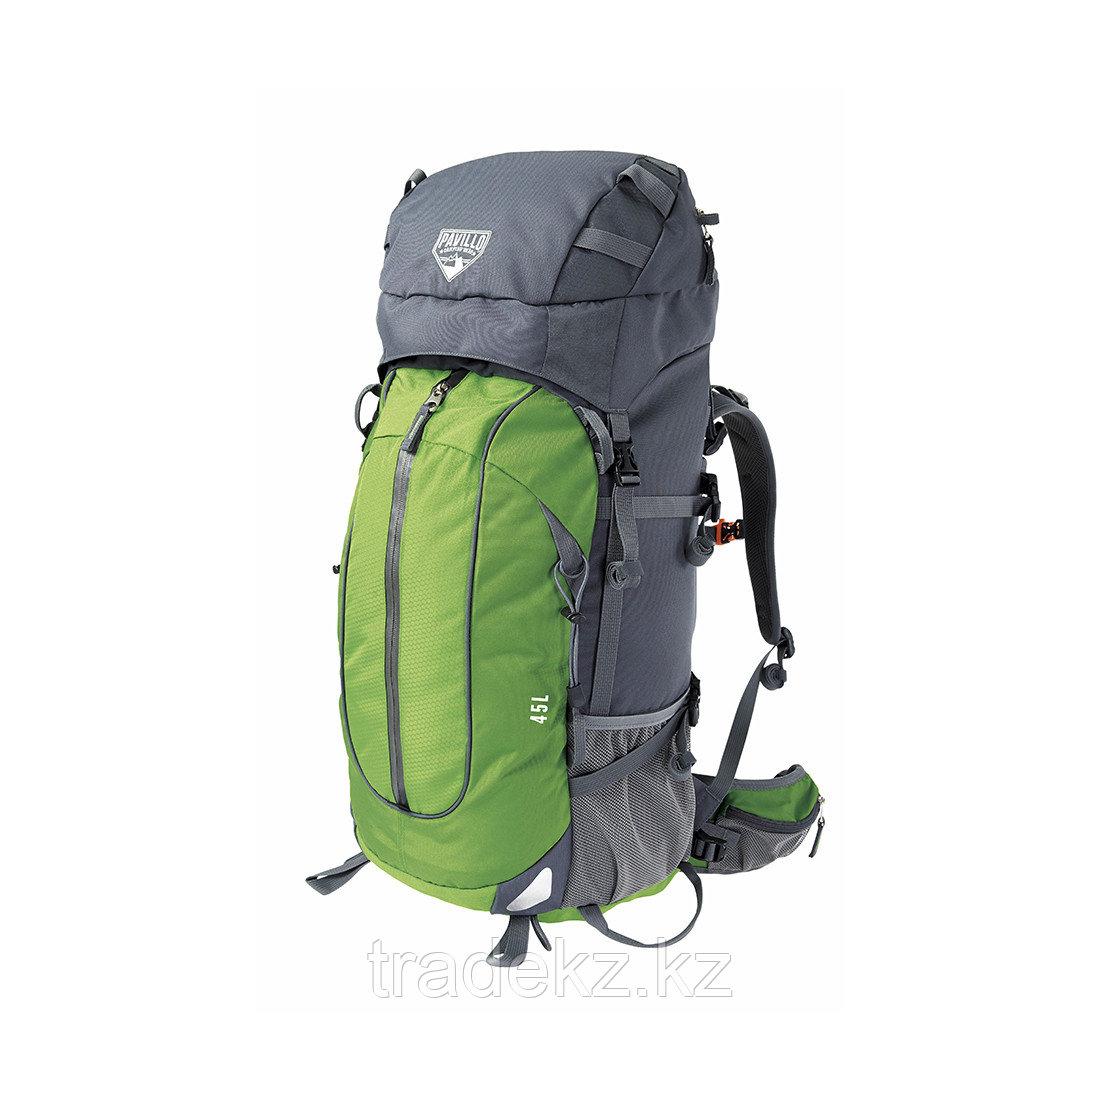 Туристический рюкзак Bestway 68032, объем 45 л.